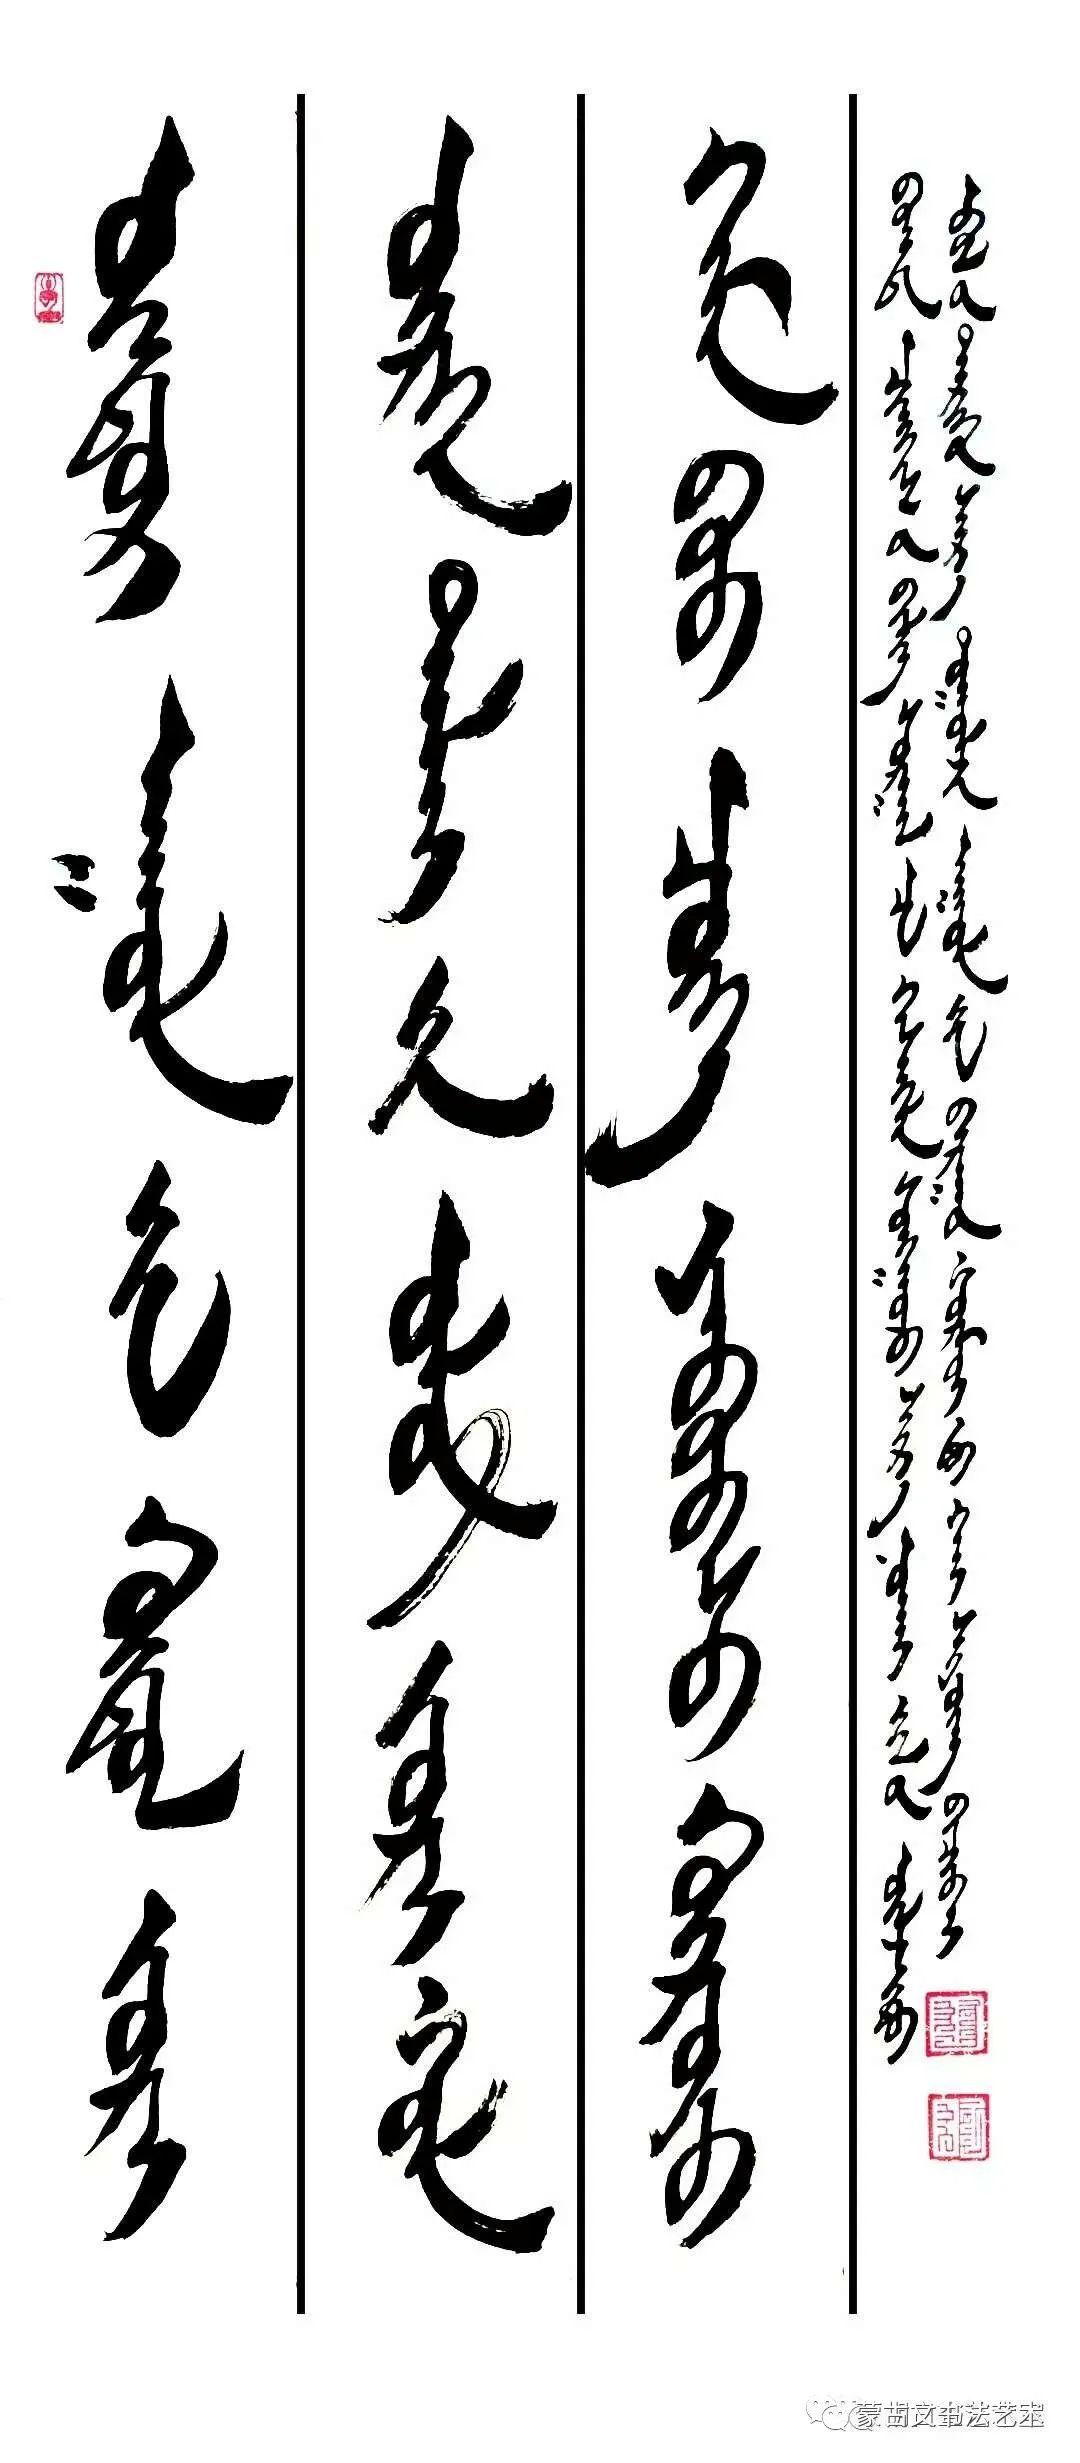 海雄蒙古文书法作品(二) 第14张